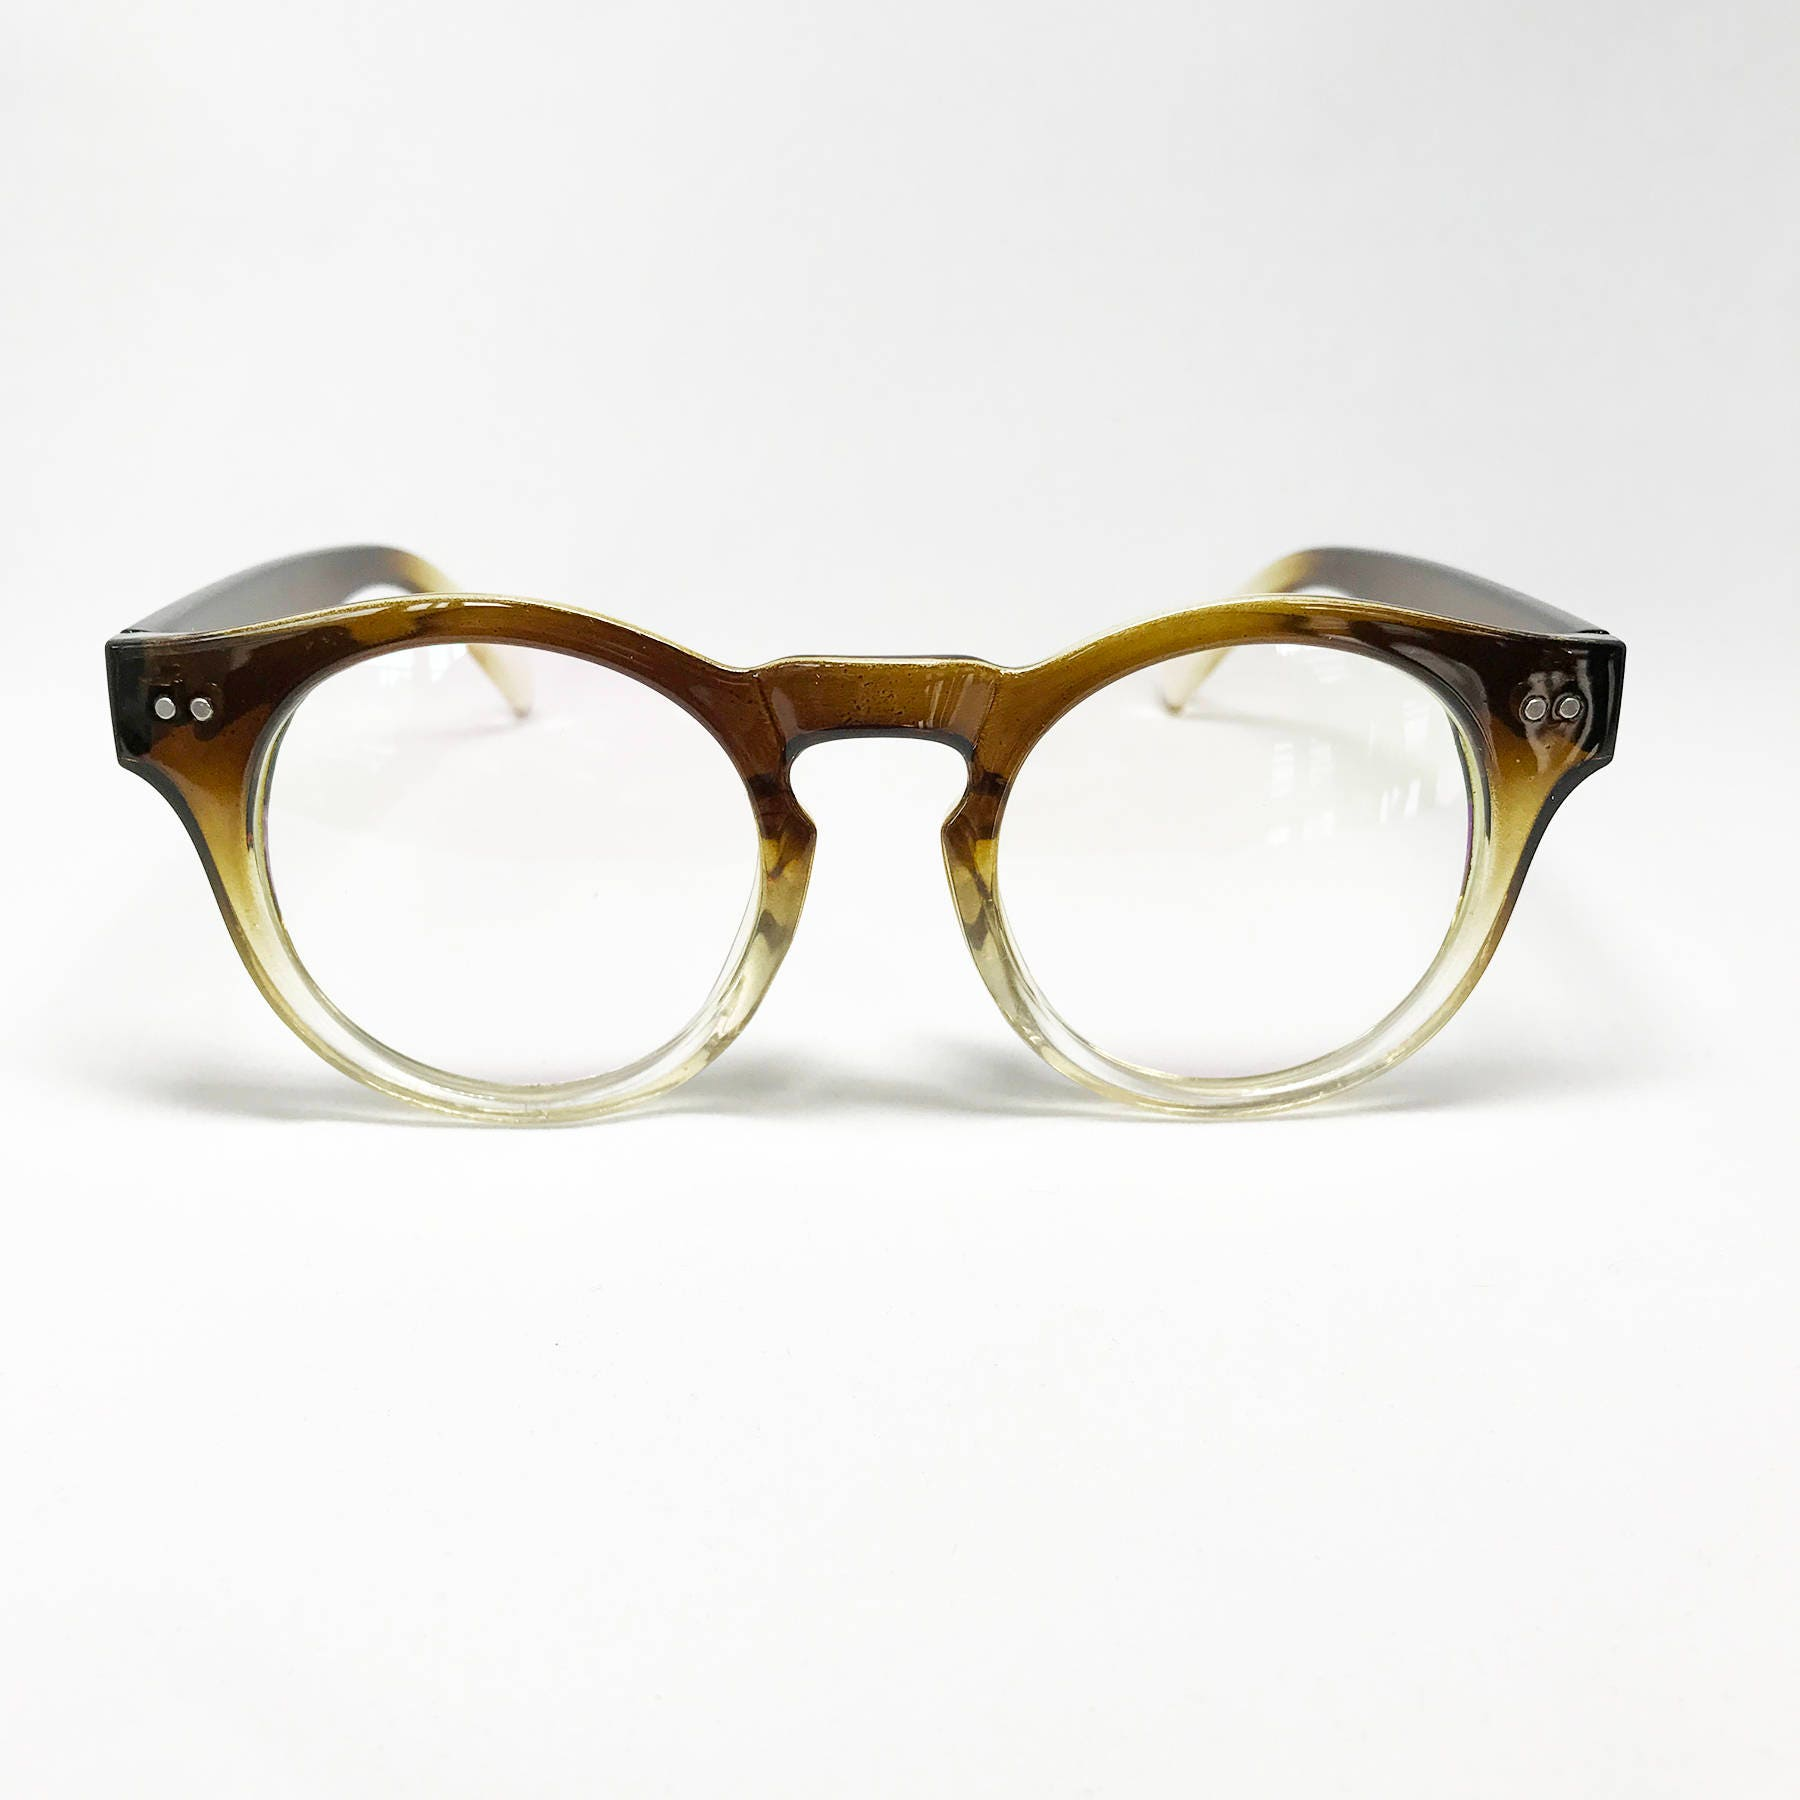 Fein Wayfarer Sonnenbrille Klar Rahmen Galerie - Rahmen Ideen ...